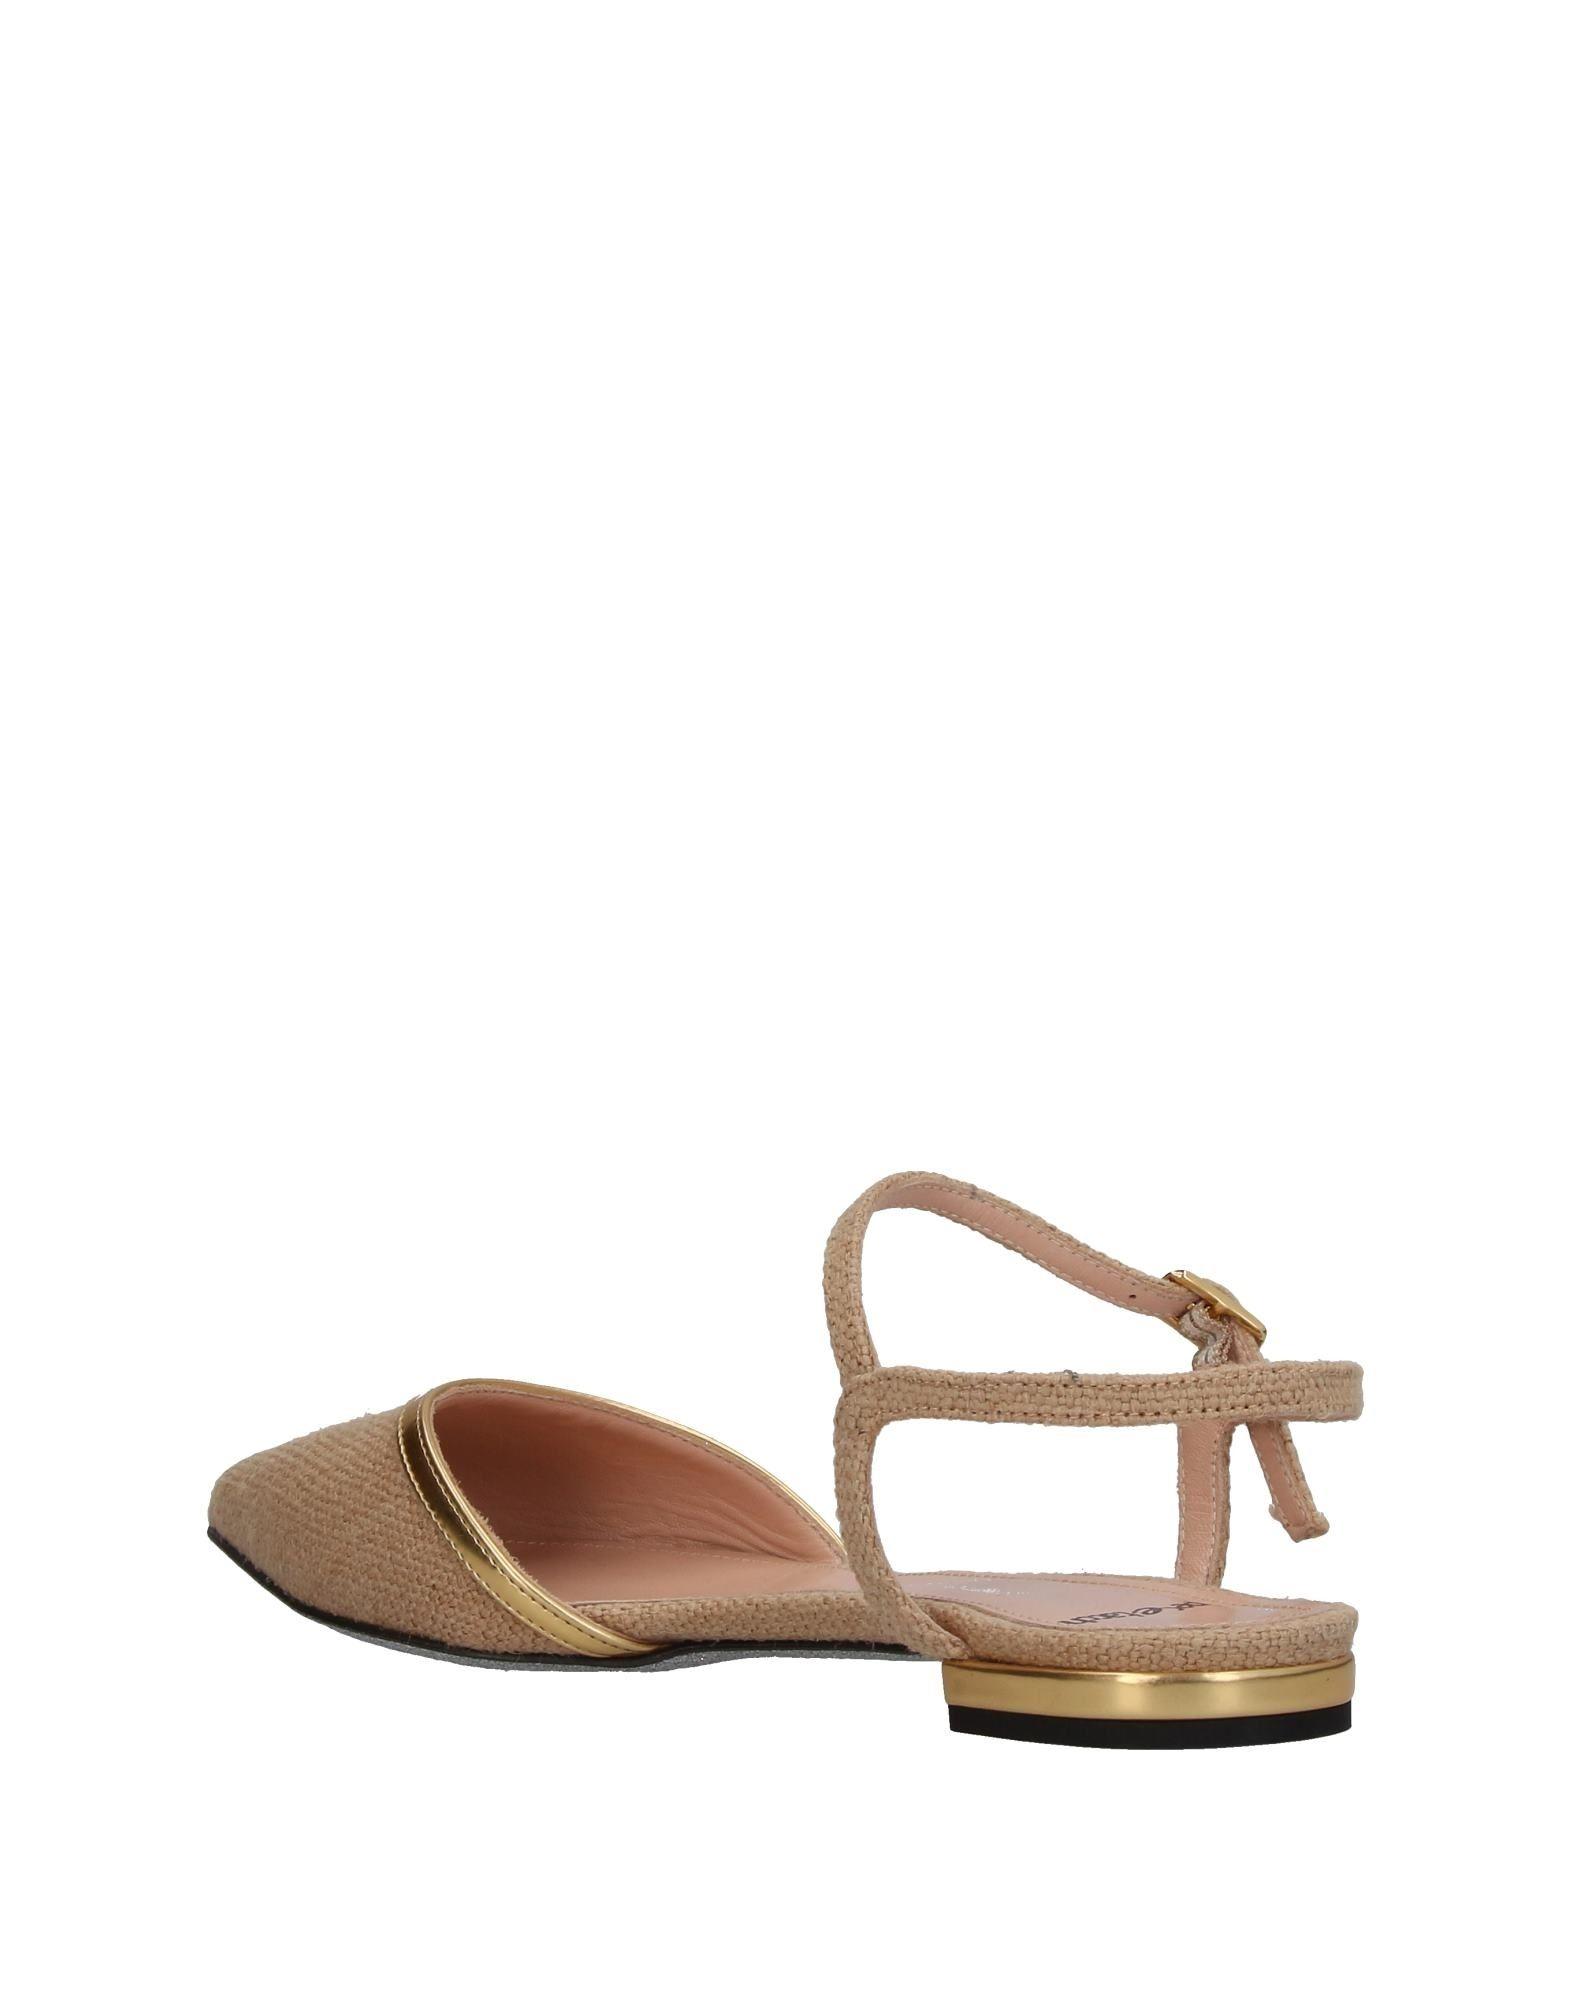 Gut Tacchi um billige Schuhe zu tragenTipe E Tacchi Gut Ballerinas Damen  11408325NM af78b9